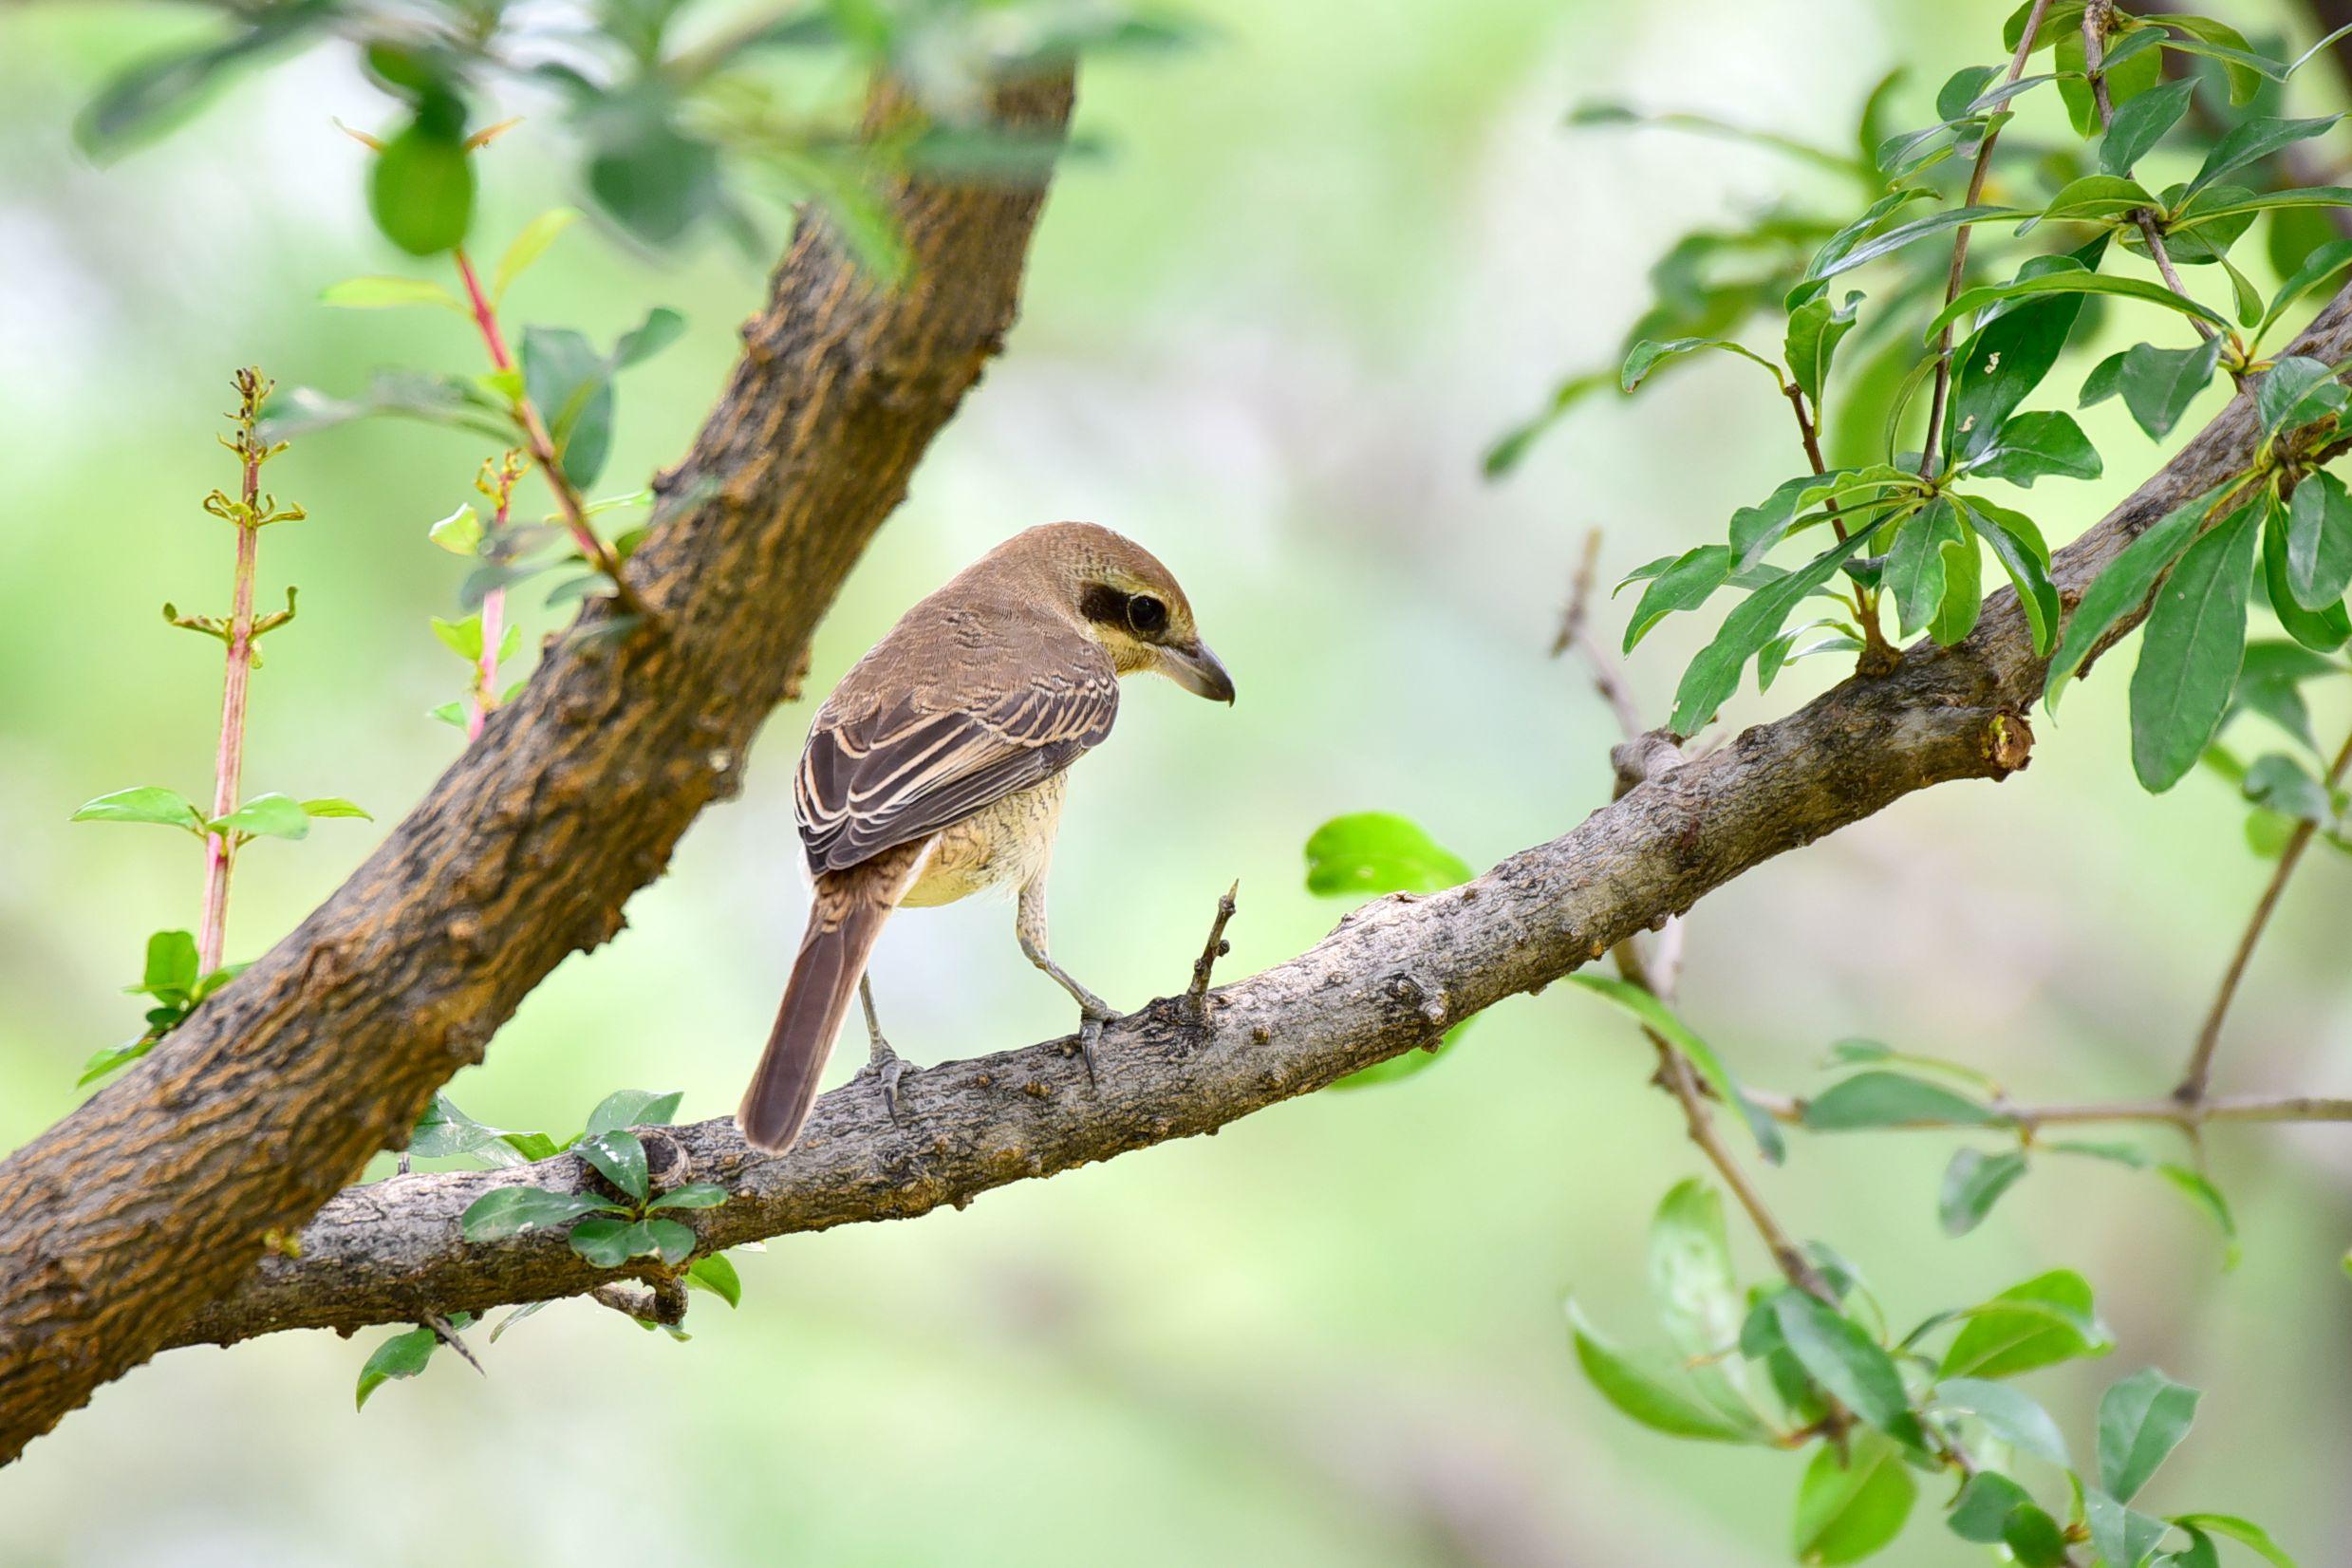 石榴树上的红尾伯劳(五) - 鸟类动物 - 齐鲁社区 齐鲁